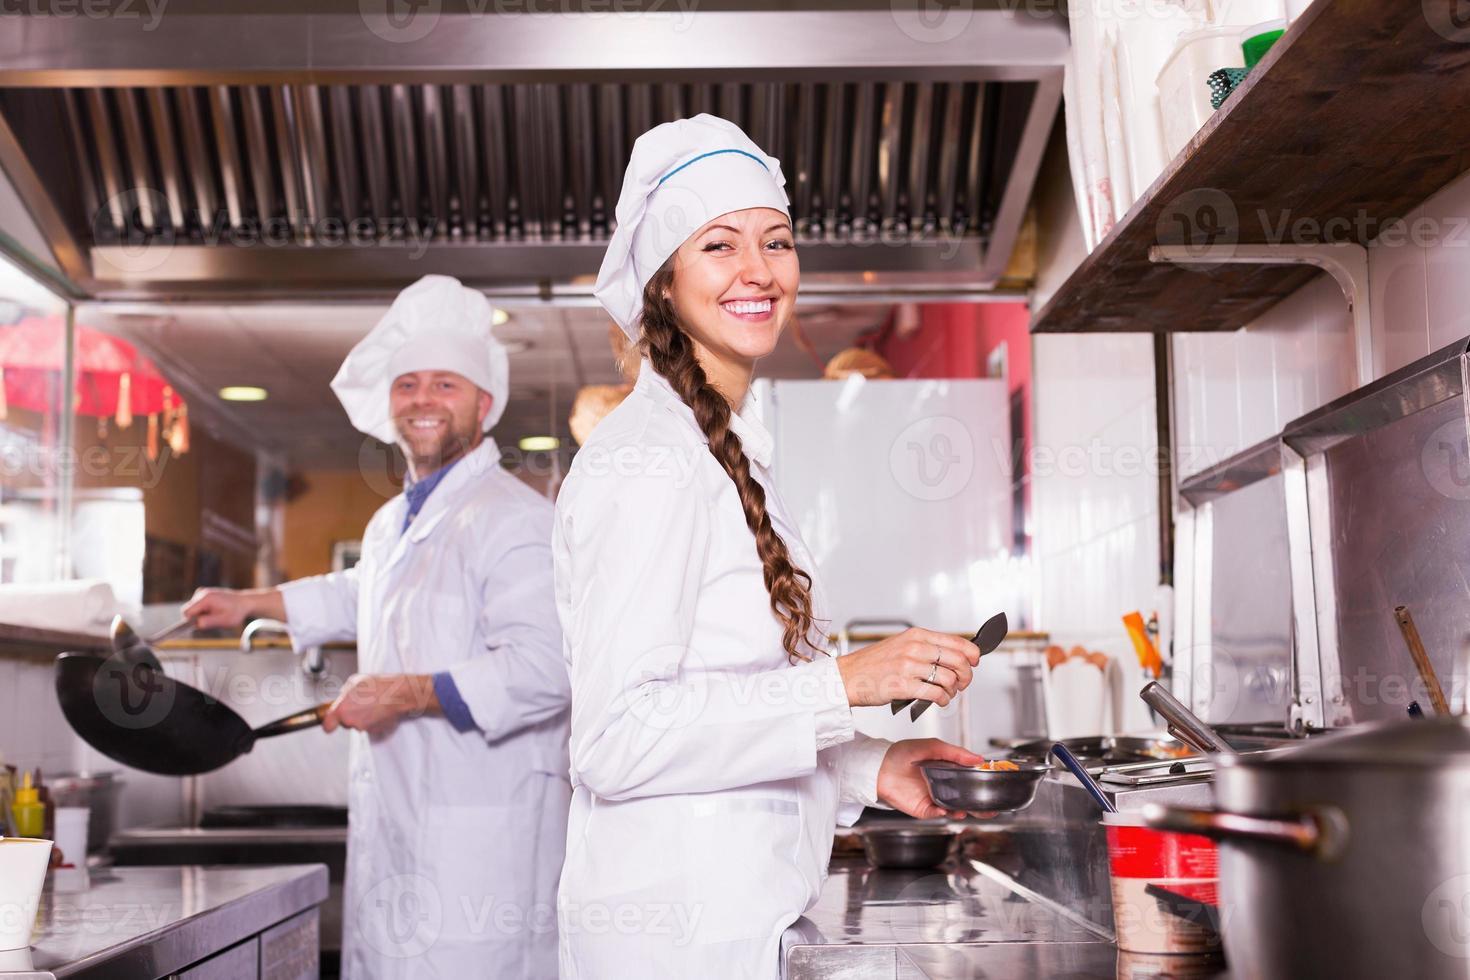 cuisiniers saluant les clients au bistro photo